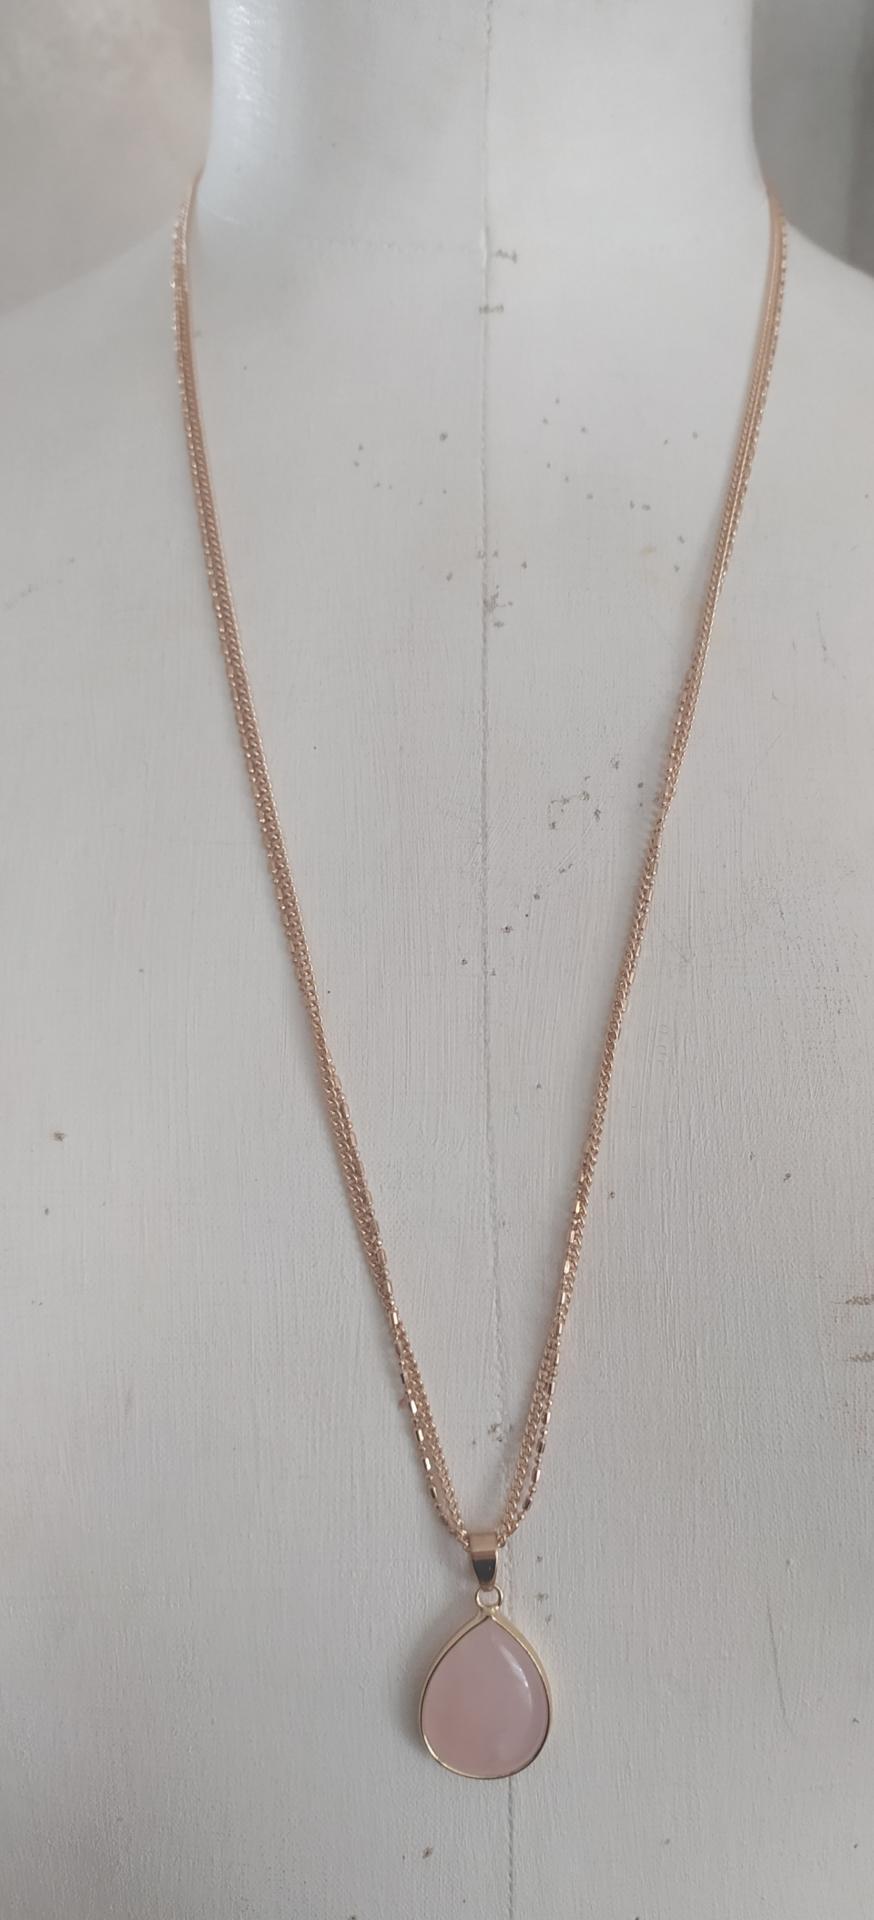 Sautoir chaînes dorées et pendentif pierre naturelle quartz rose.